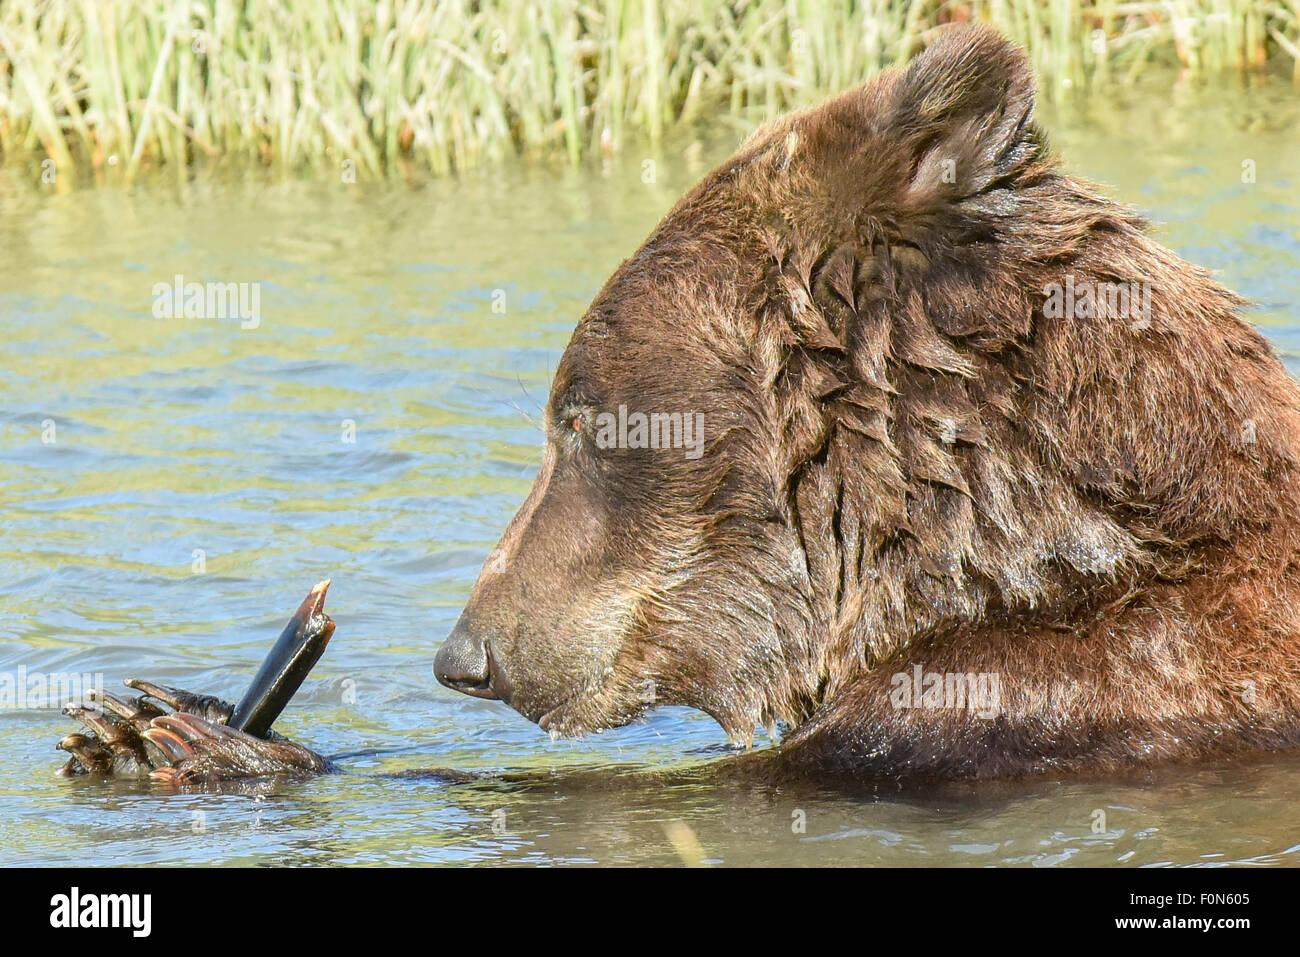 Un ours brun humide / grizzli examine une moelle osseuse pour en nageant dans un ruisseau près d'Anchorage Photo Stock